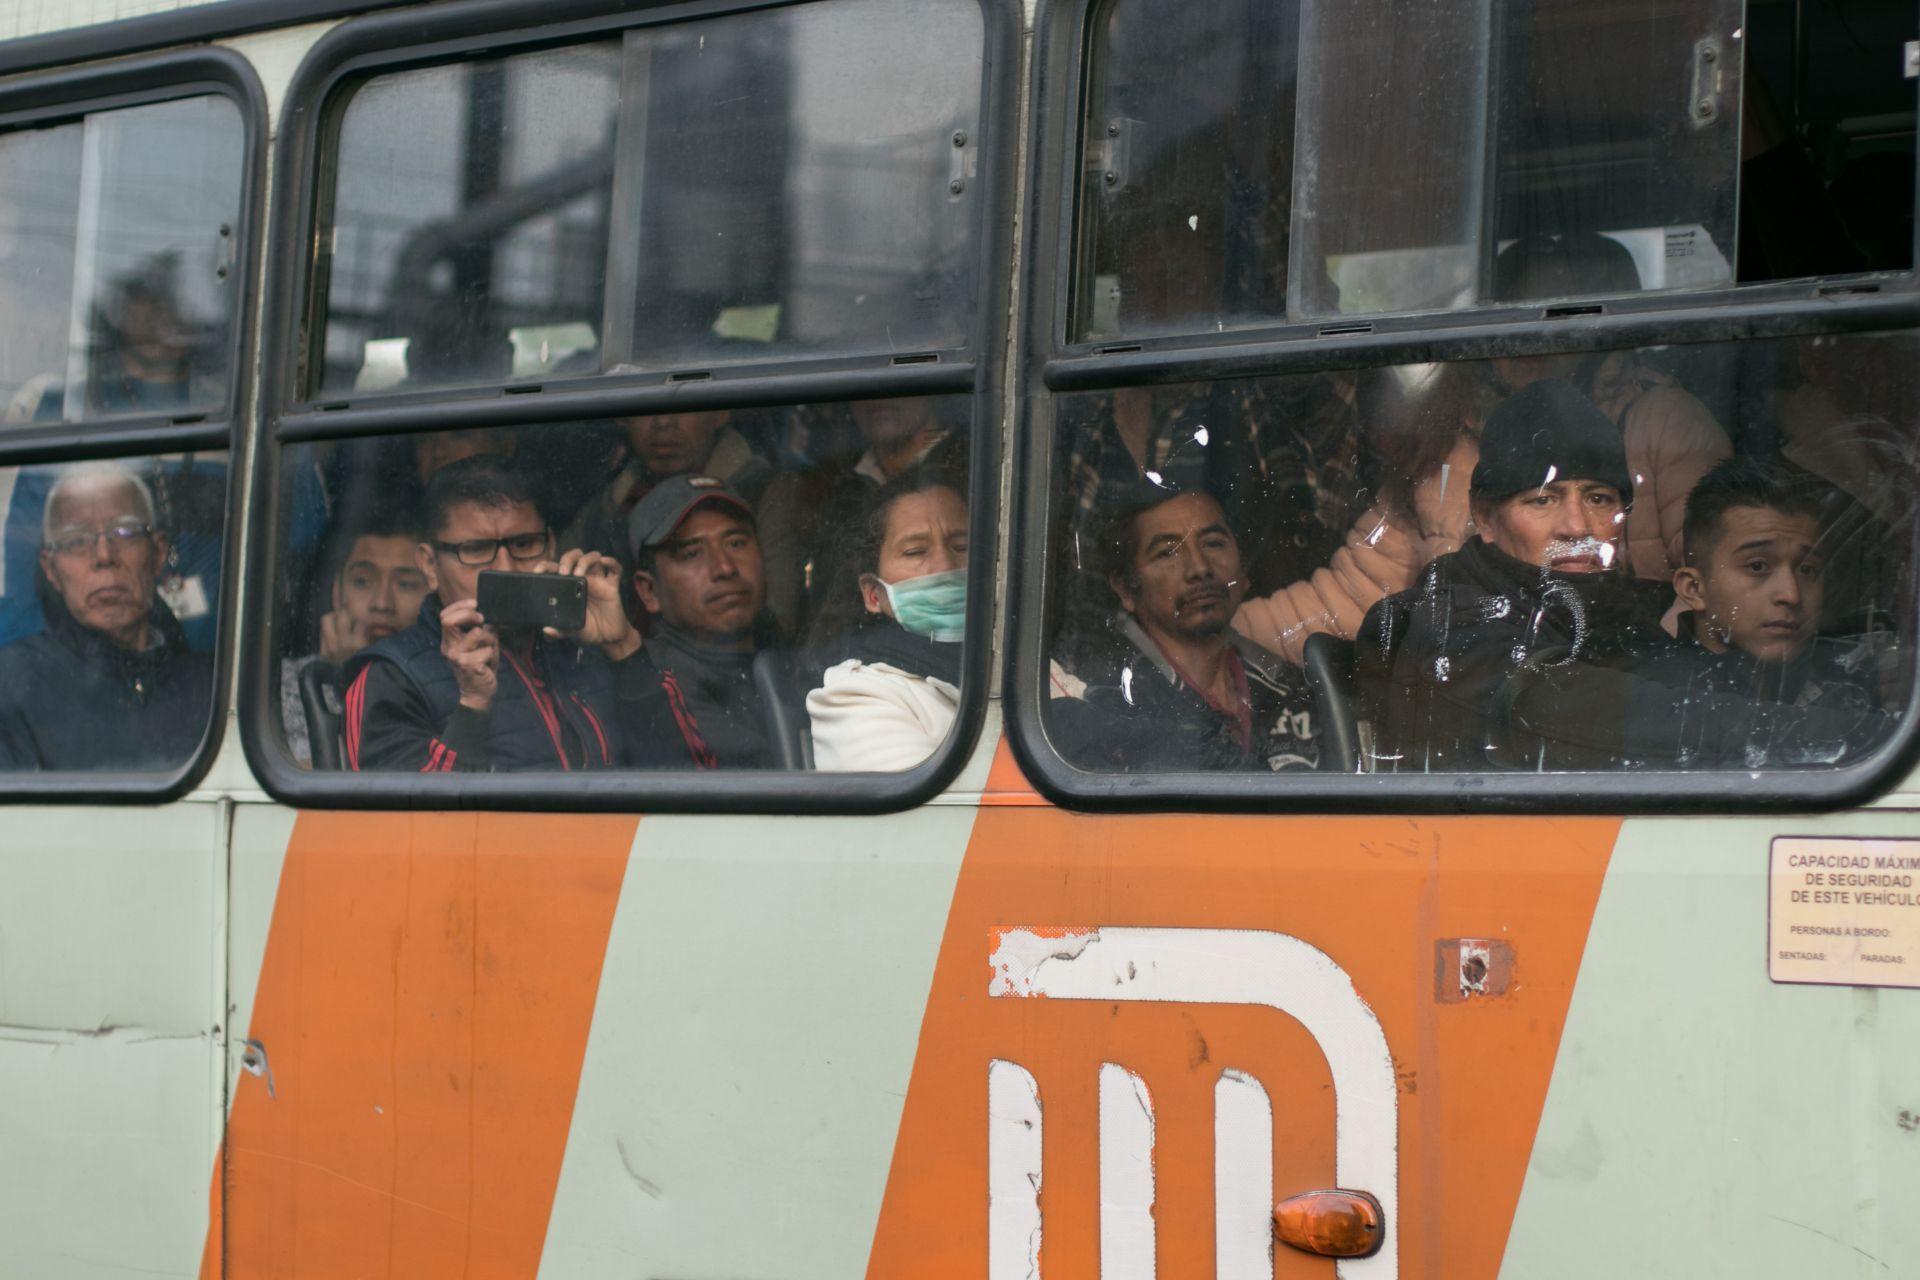 Metro reanudaría servicio completo en Línea 1 el martes tras choque de trenes en Tacubaya